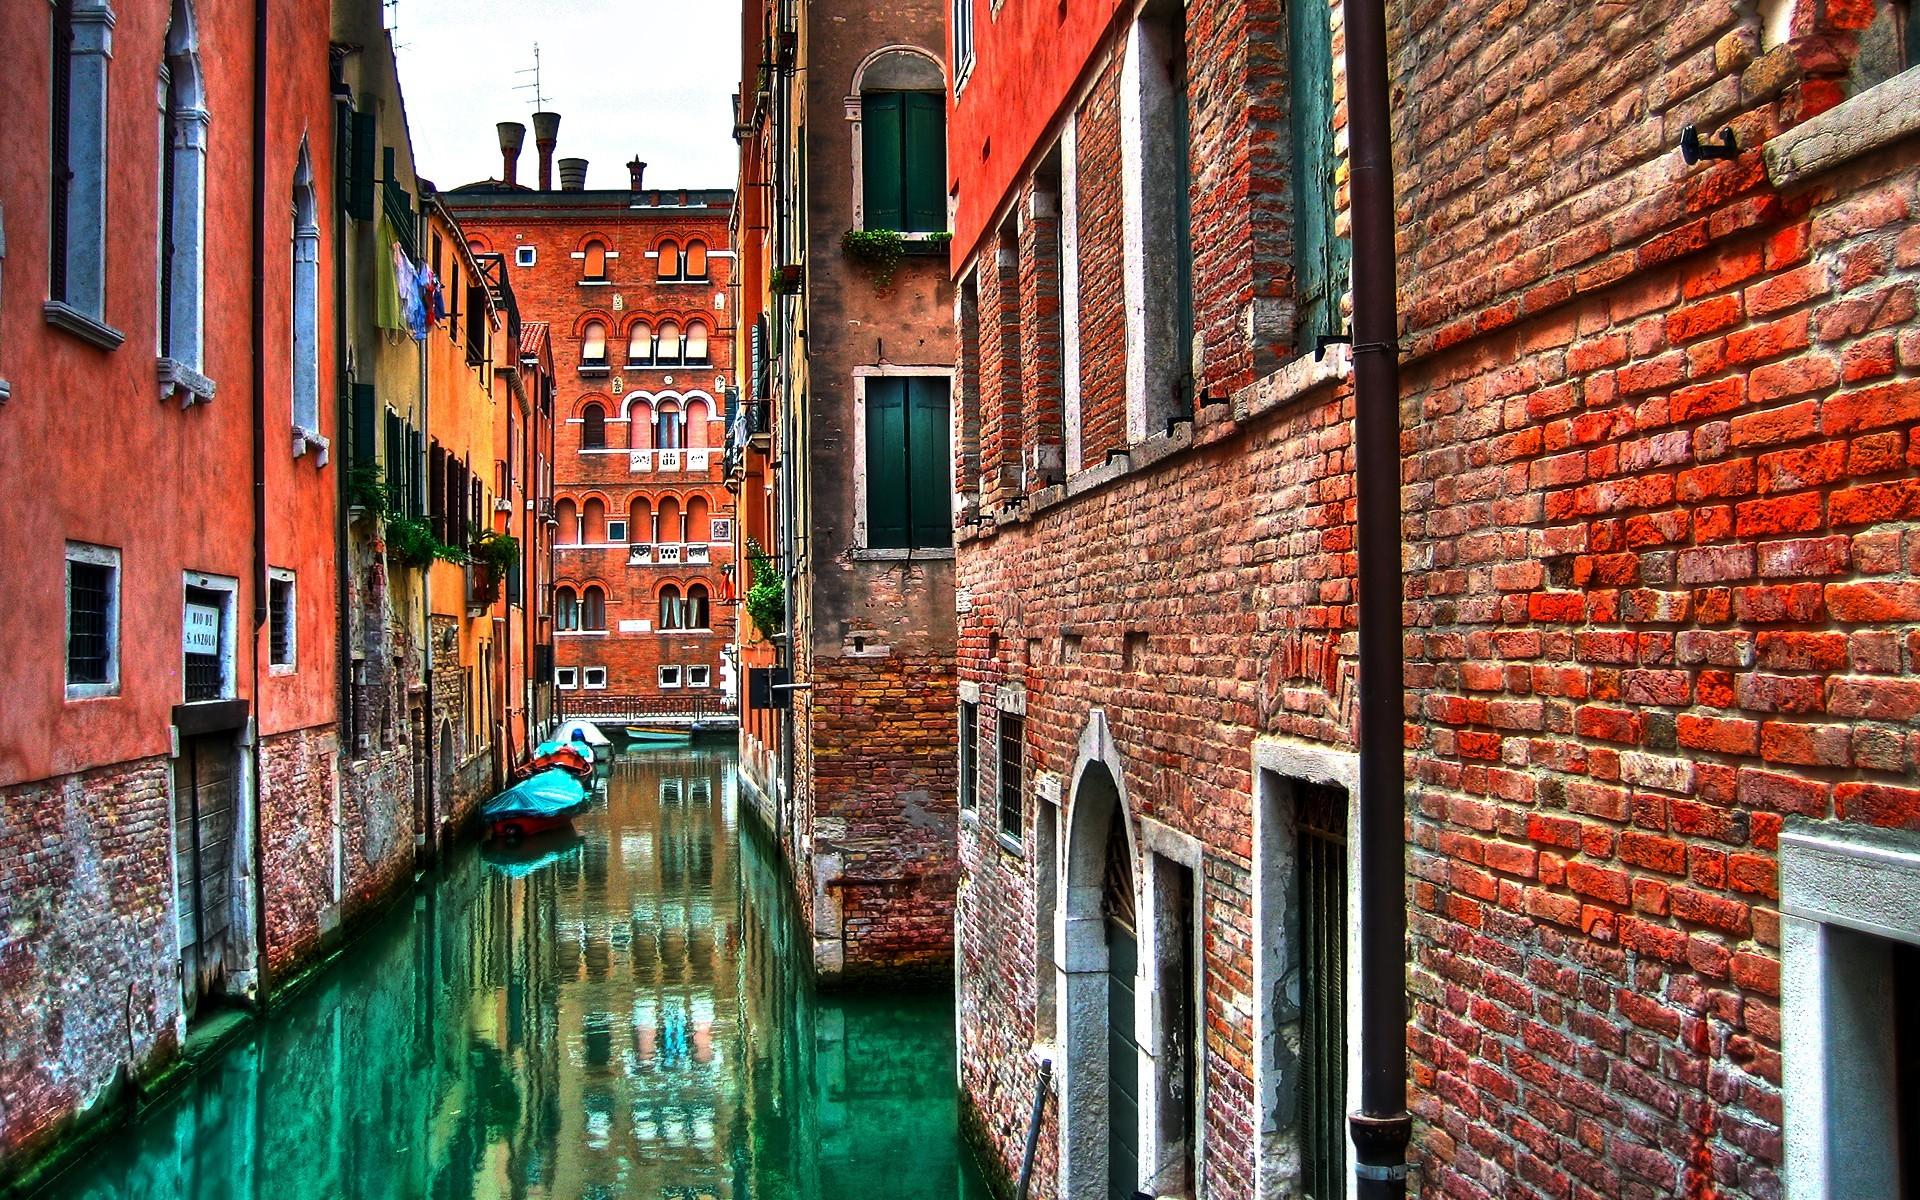 Ảnh một góc nhỏ kiến trúc tại Venice xinh đẹp